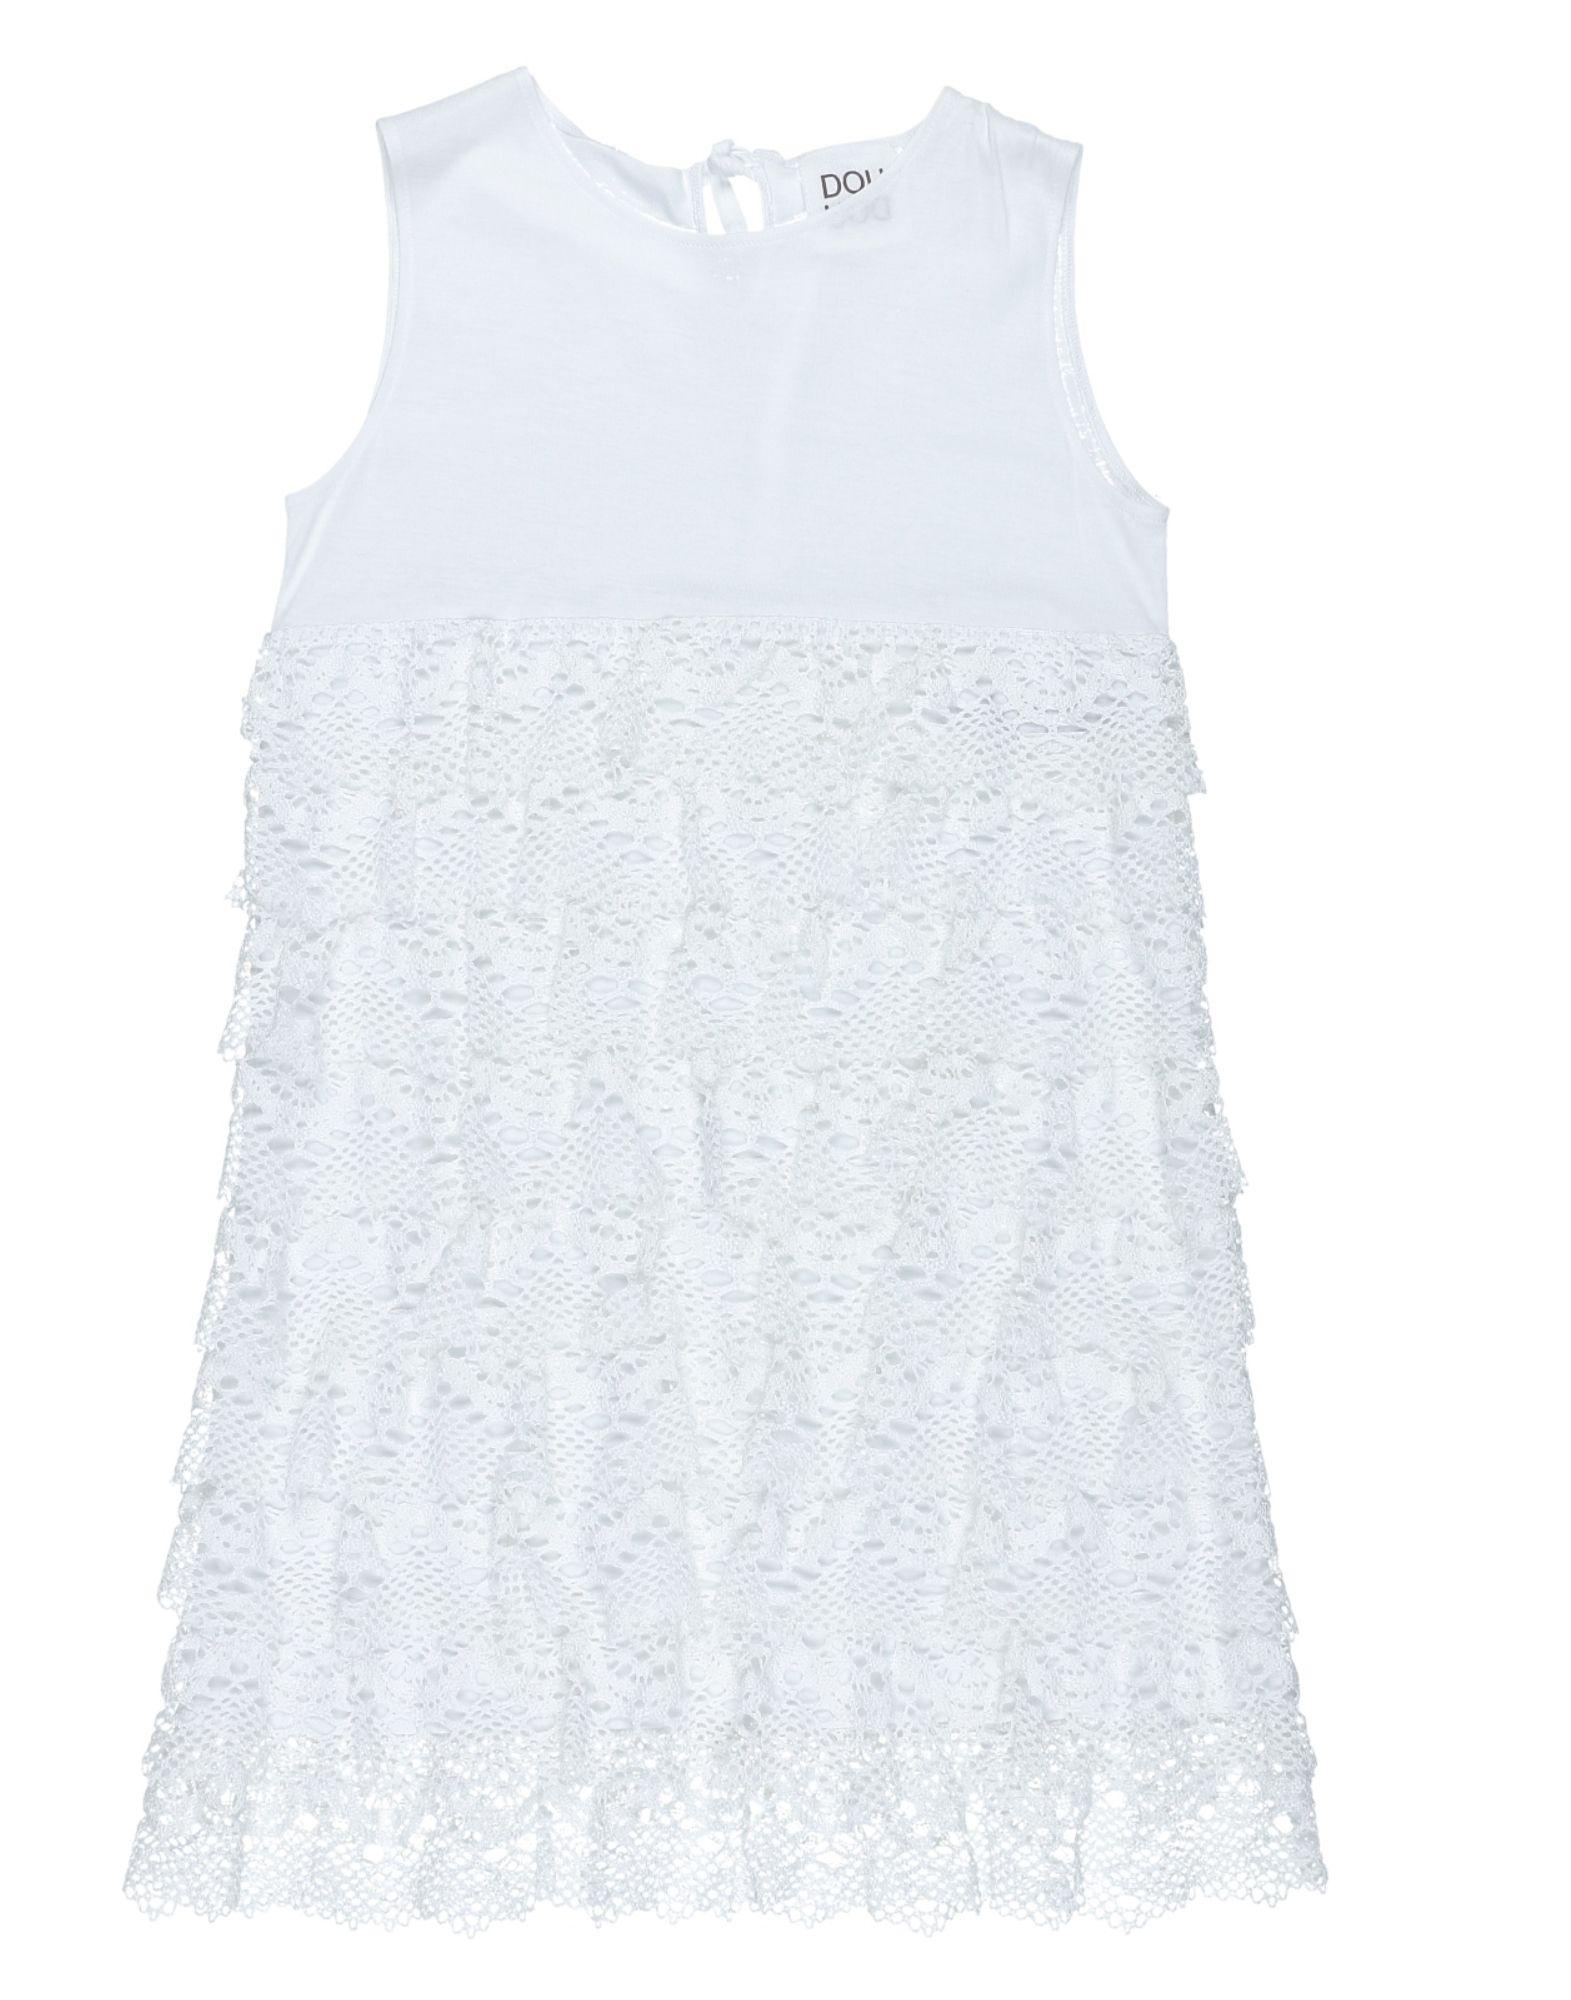 《送料無料》DOUUOD ガールズ 9-16 歳 ワンピース&ドレス ホワイト 10 コットン 100%